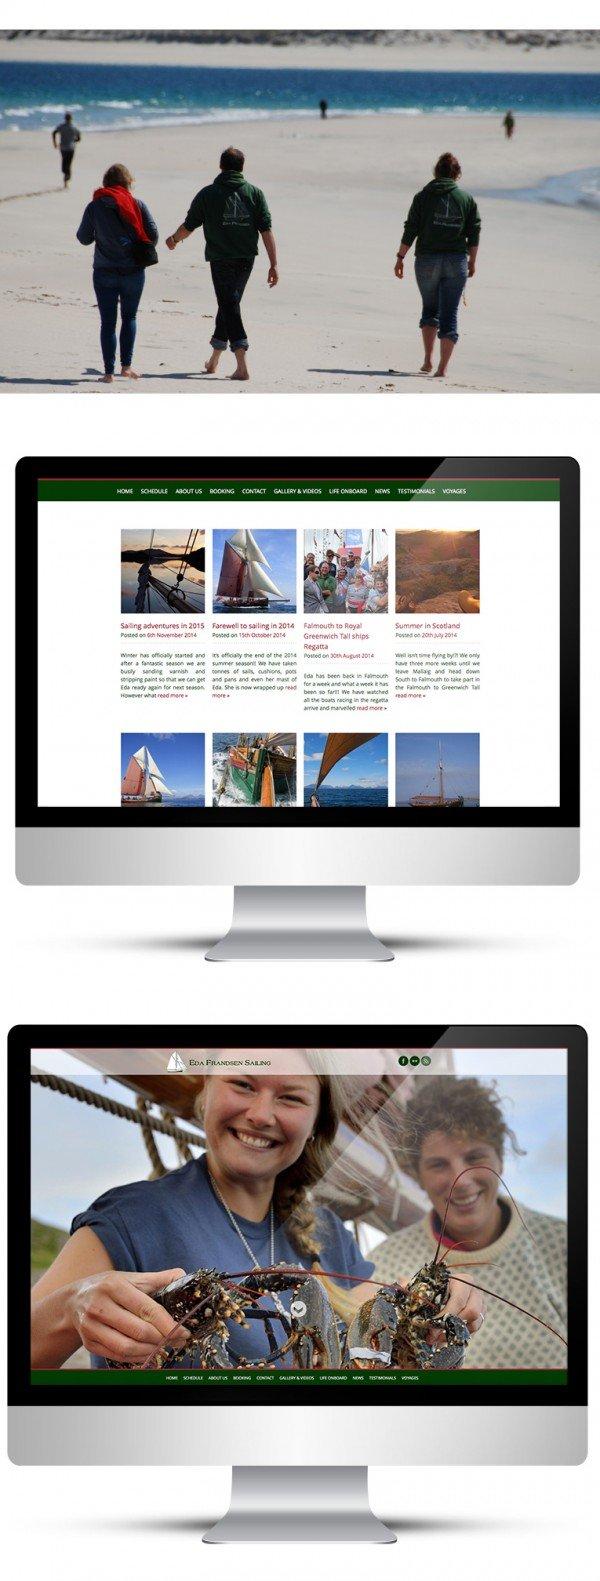 Web design and blog for Eda Frandsen Sailing